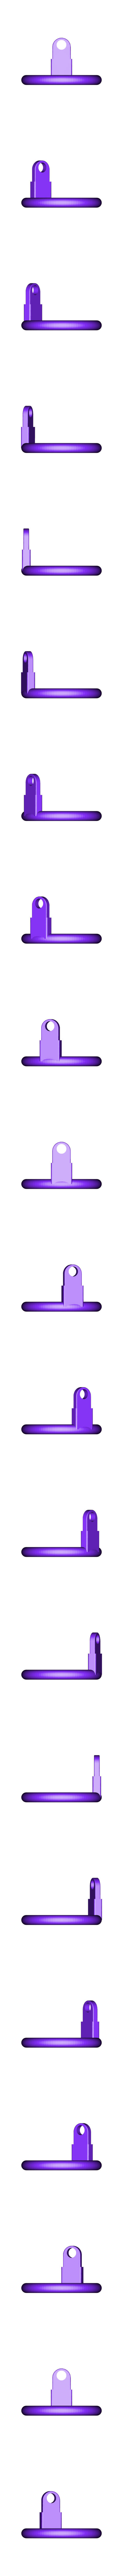 ring.stl Download STL file Chasity Cage • 3D print design, anythingelse